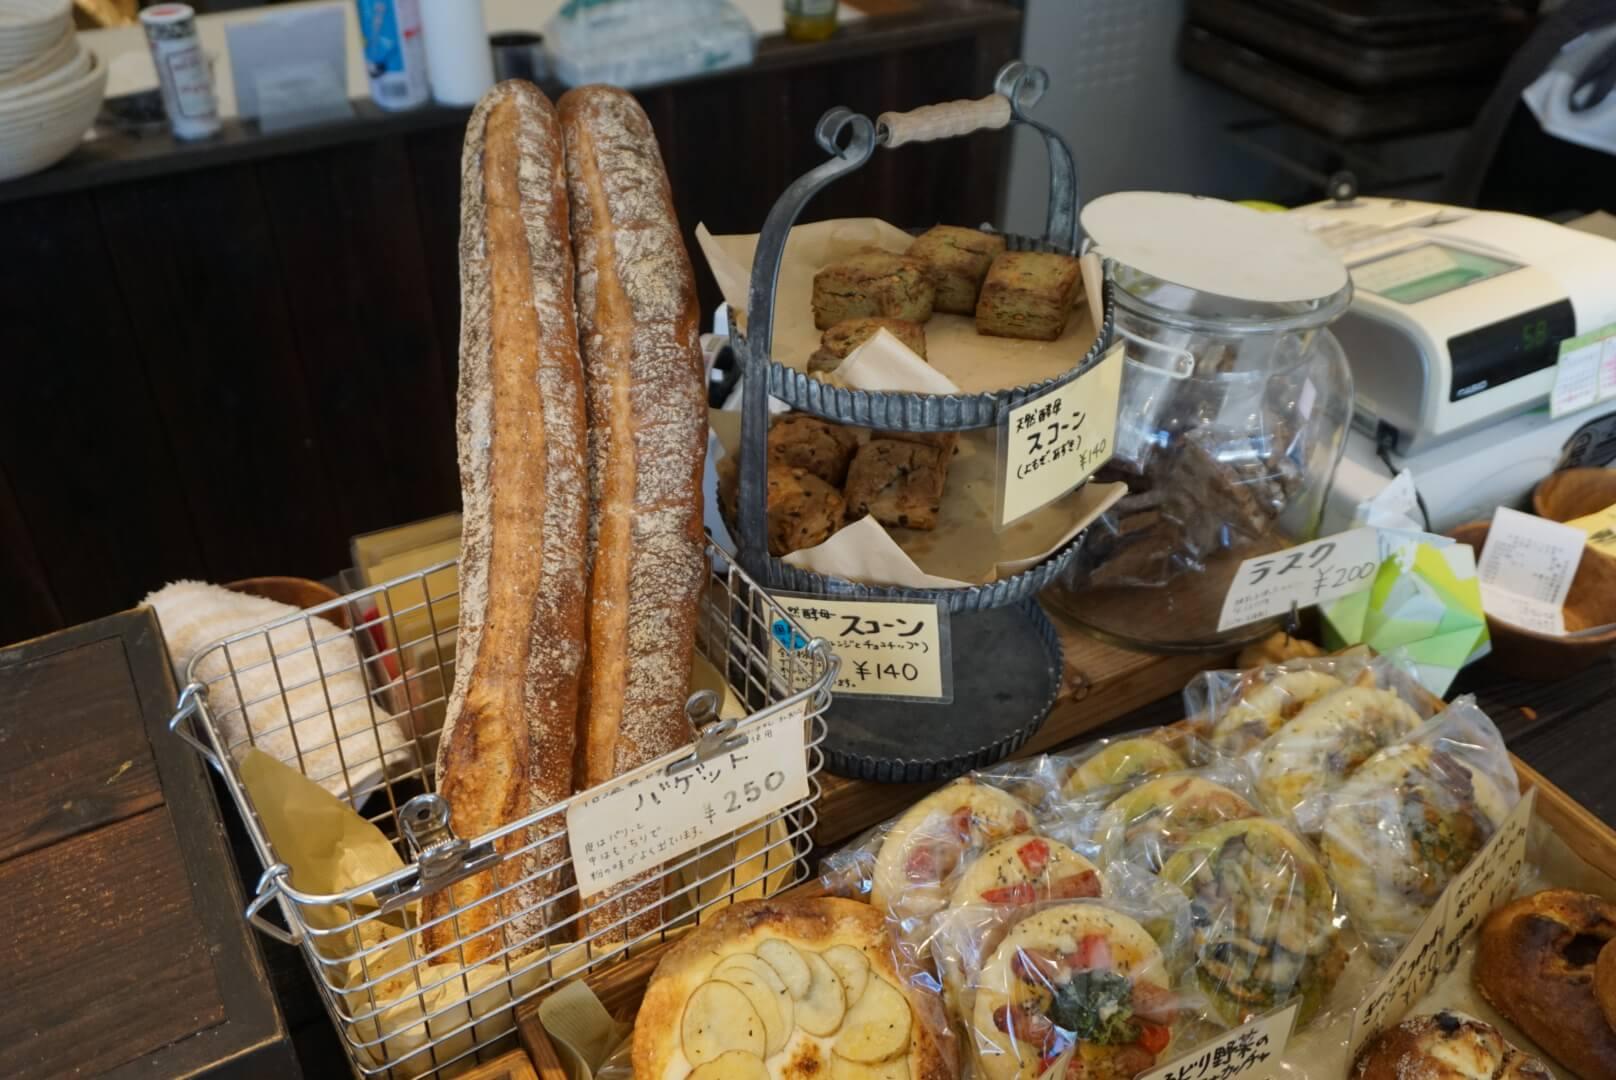 『 ぱんや mugico 』小立野で見つけた地元の方に人気のかわいいパン屋さん